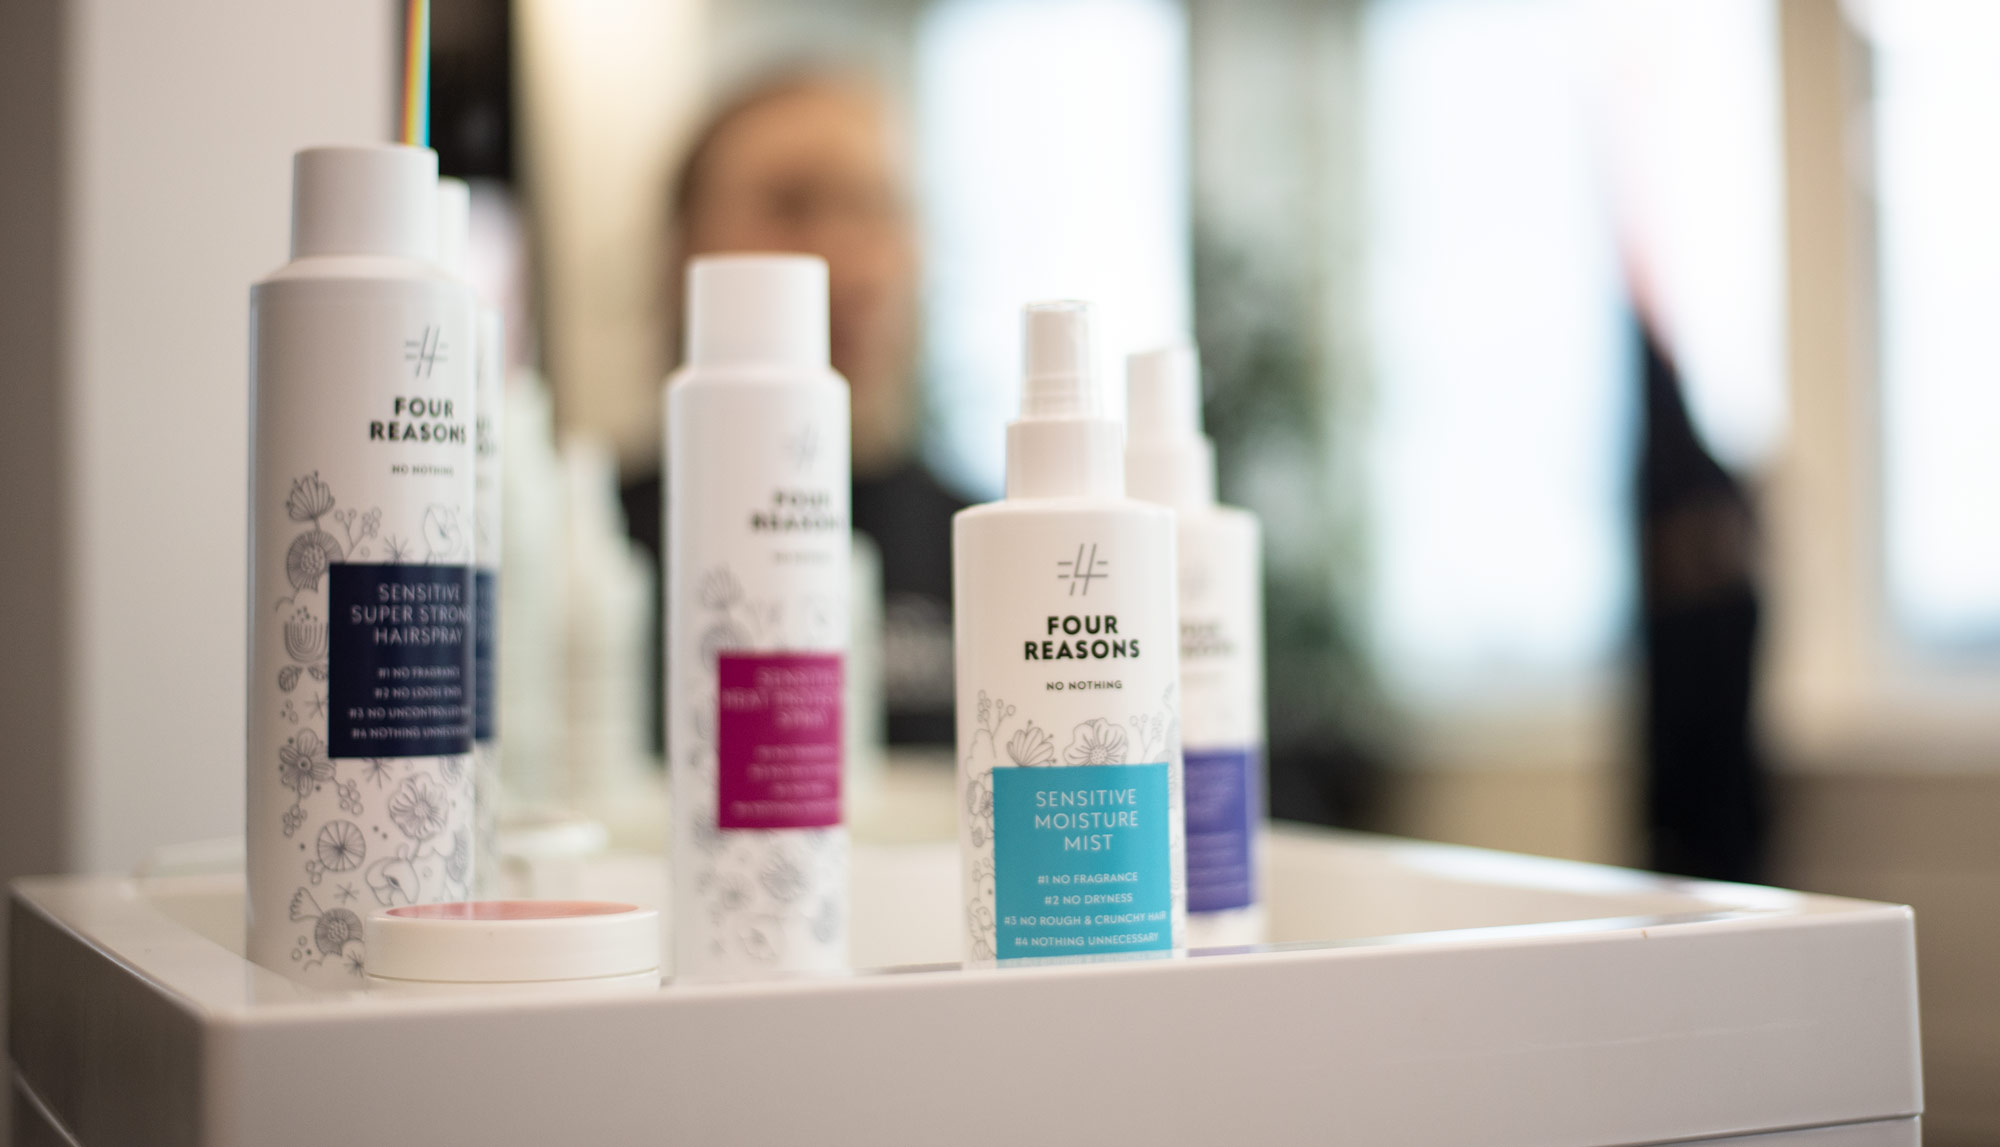 Good fragrances, bad fragrances? A fragrance-free hair salon experience as an alternative